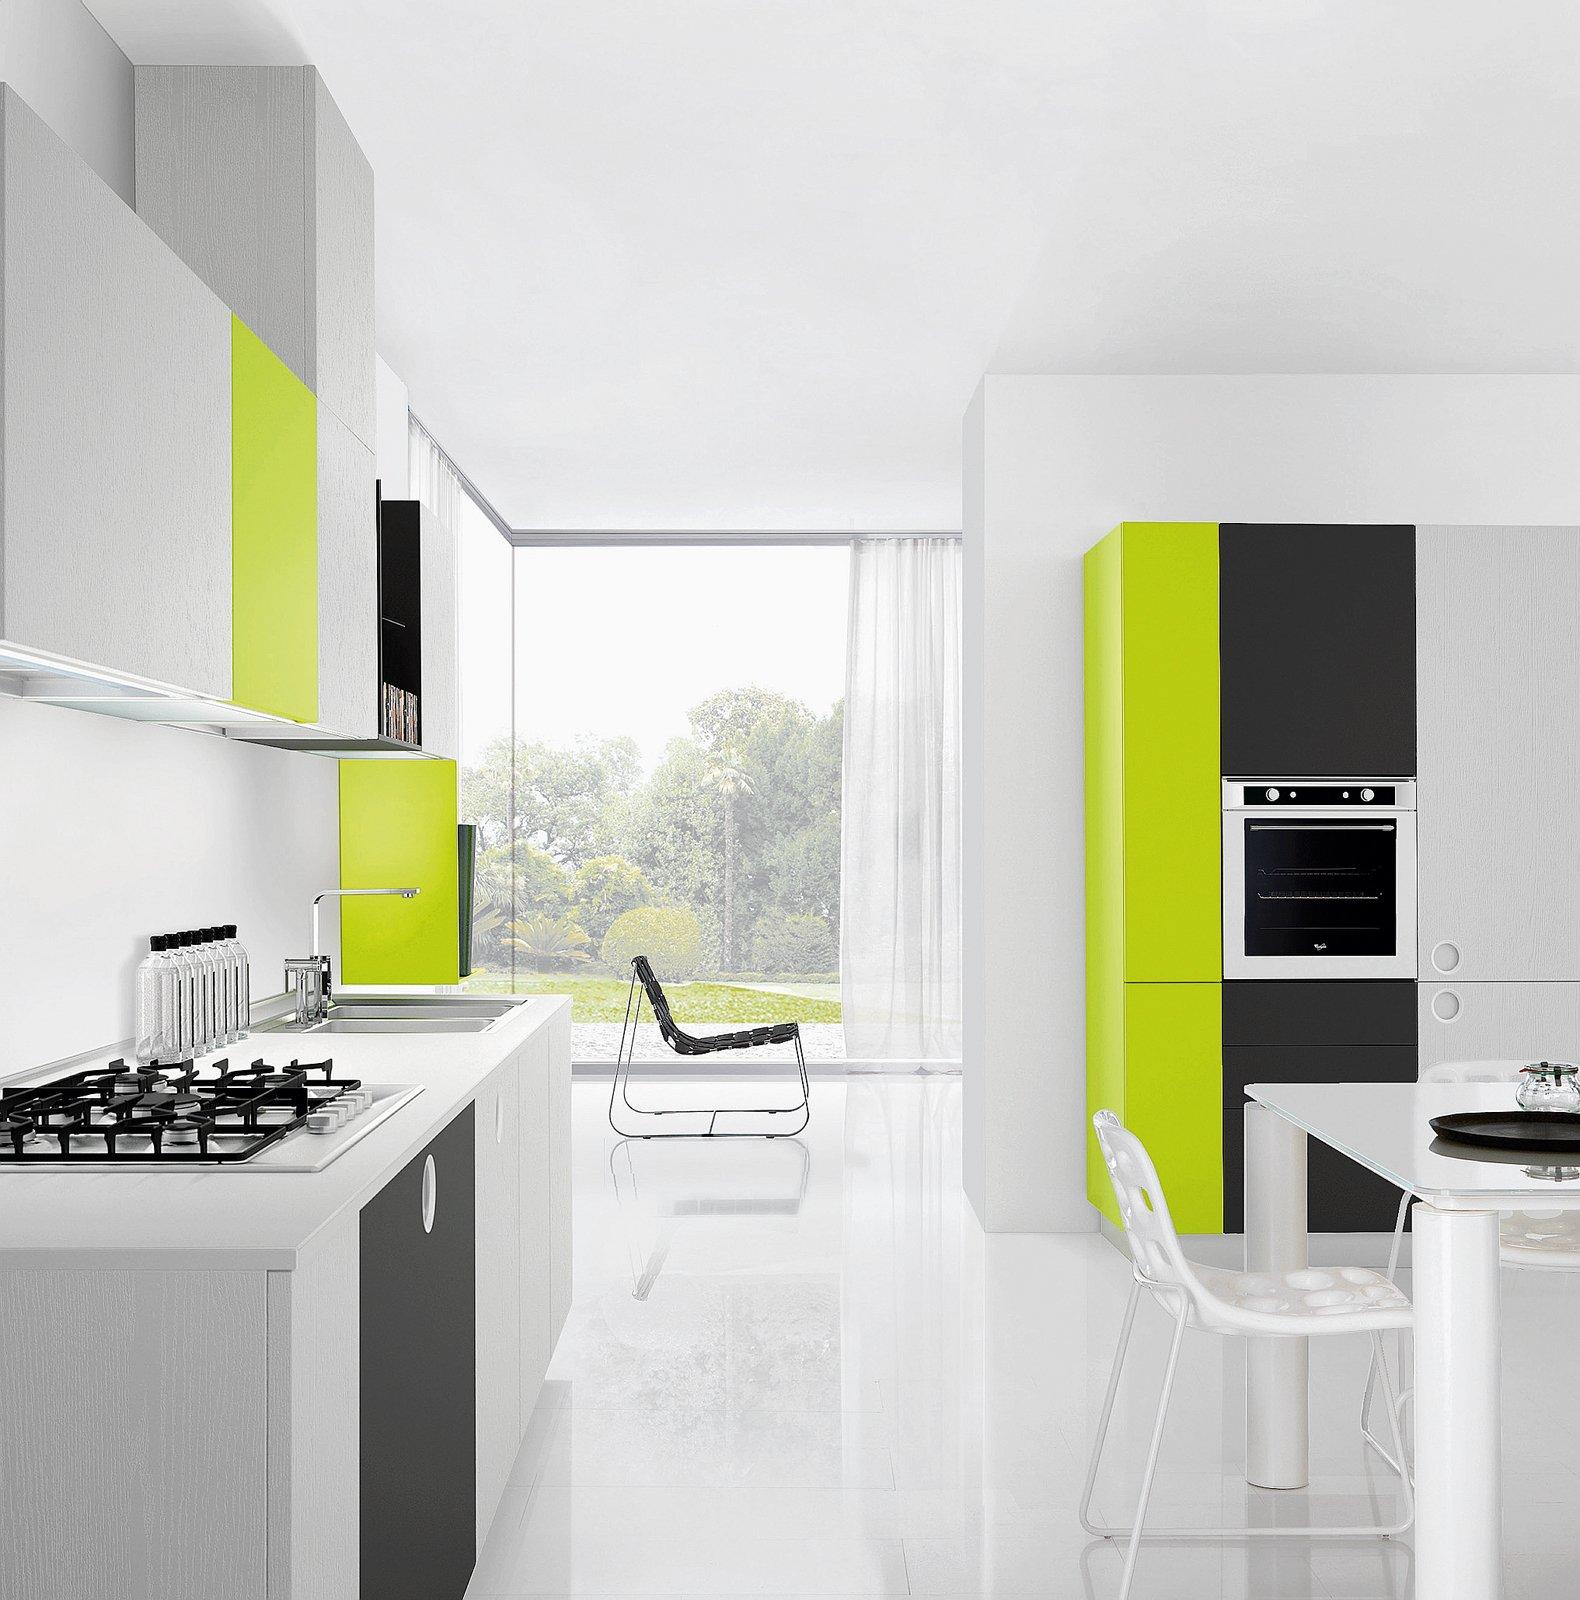 La cucina colorata un guizzo di vitalit cose di casa for Isola cucina circolare